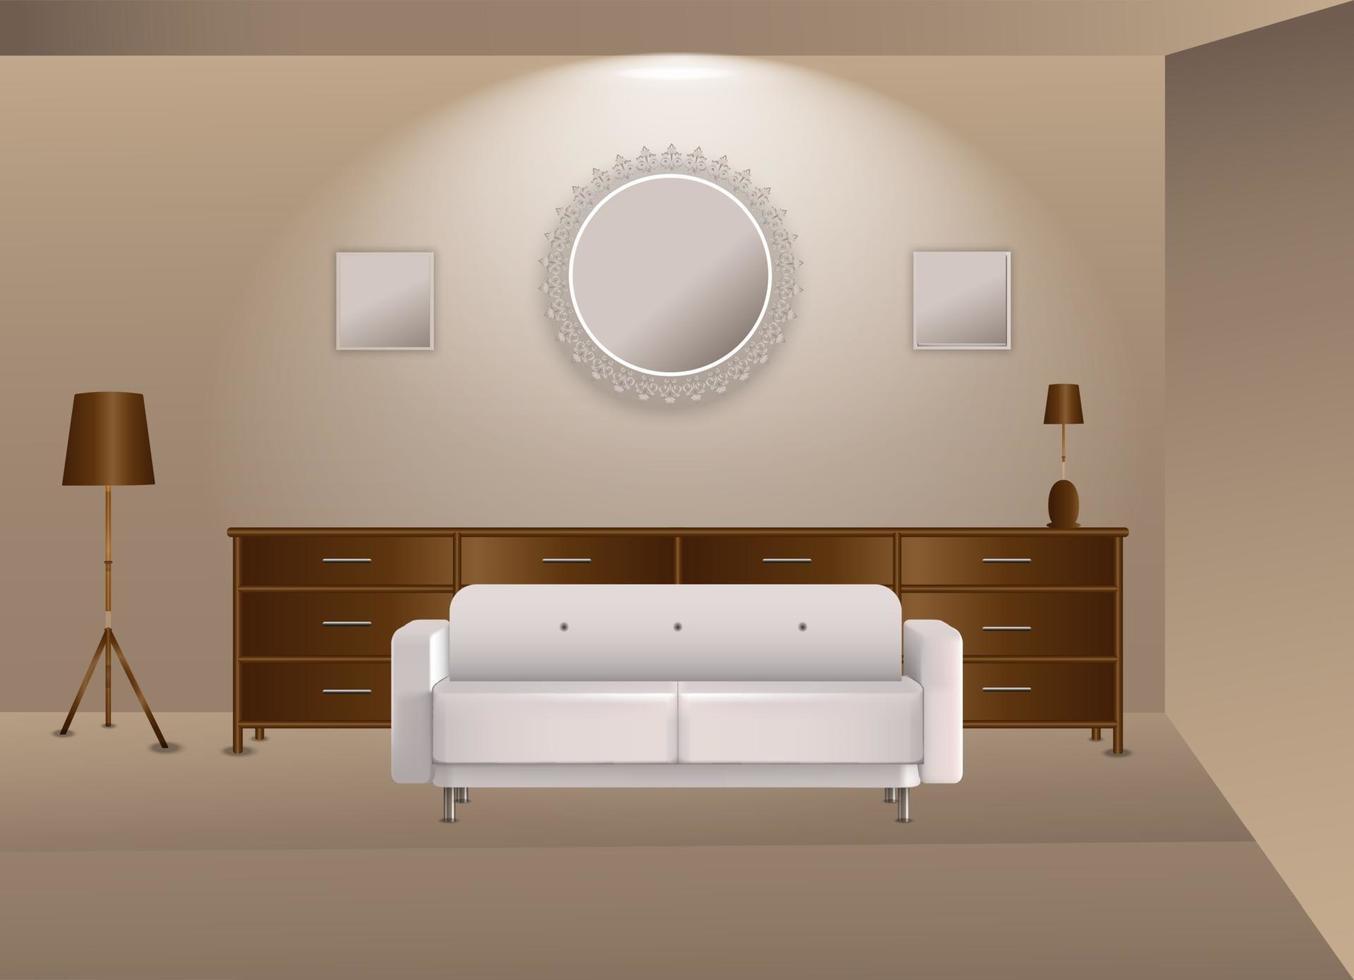 Illustrationsgrafikvektor der realistischen Innenarchitektur in der braunen Farbe vektor